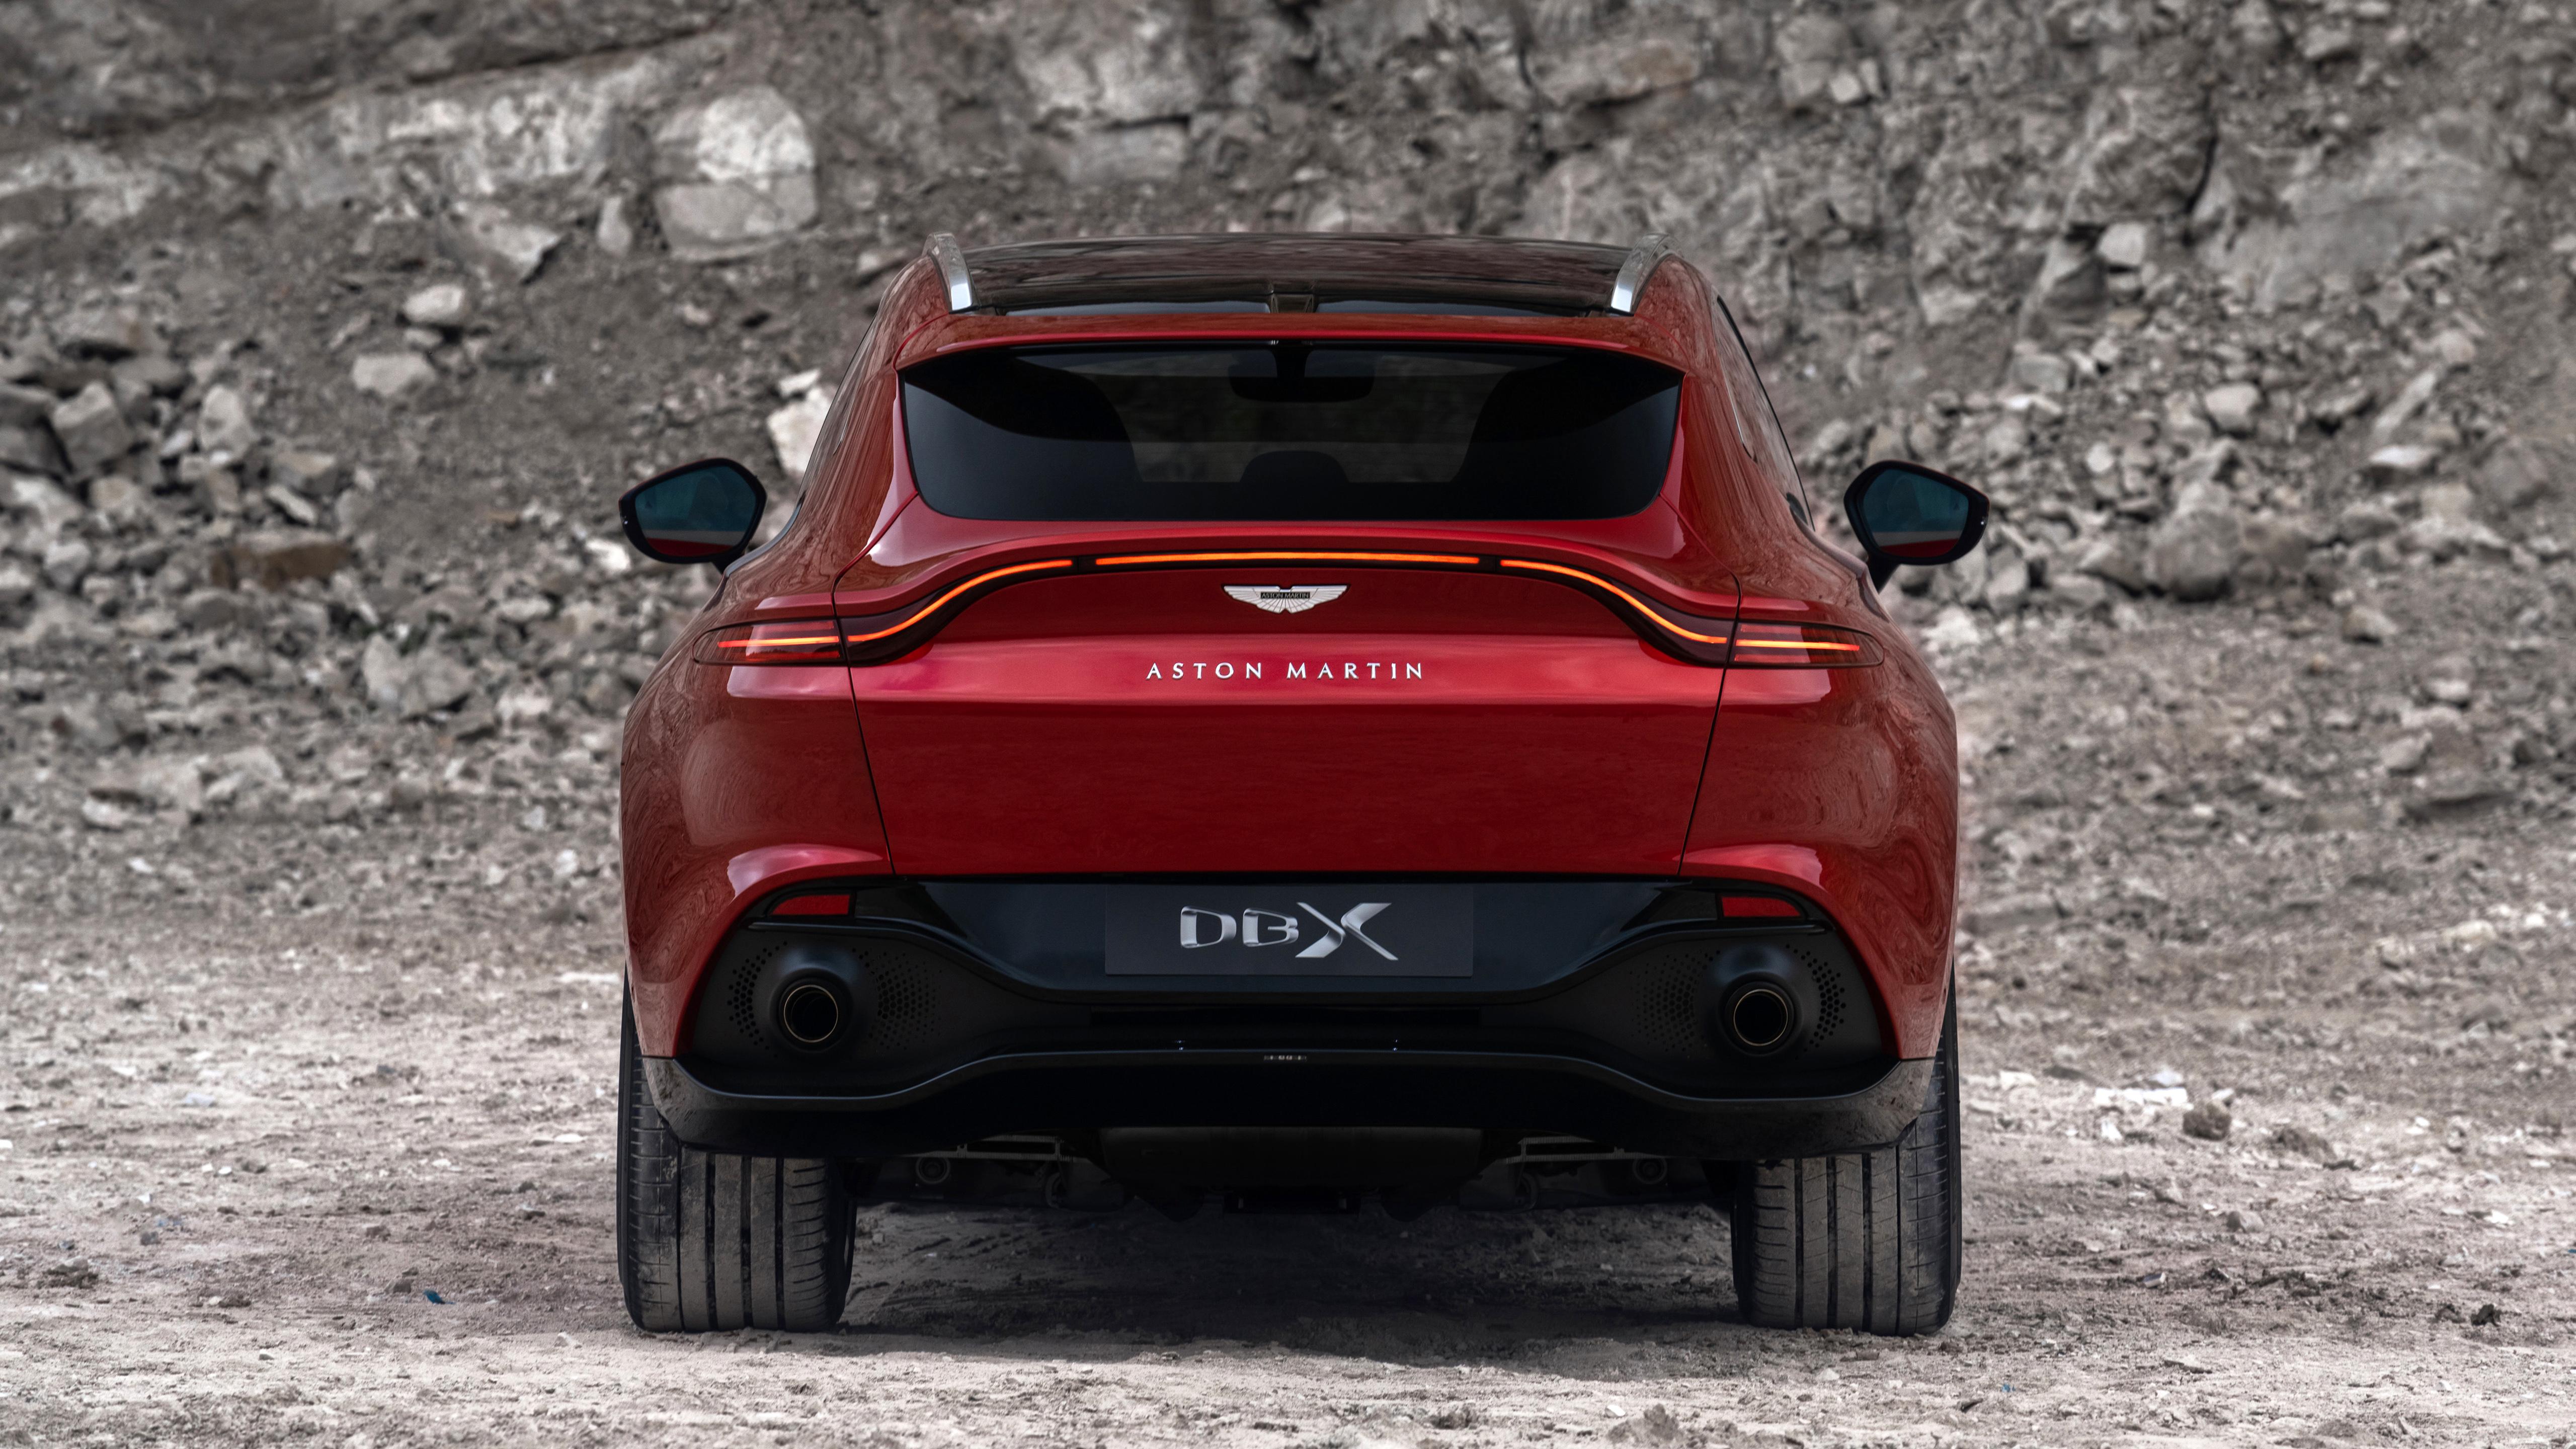 Aston Martin Dbx 2020 4k Wallpaper Hd Car Wallpapers Id 13846